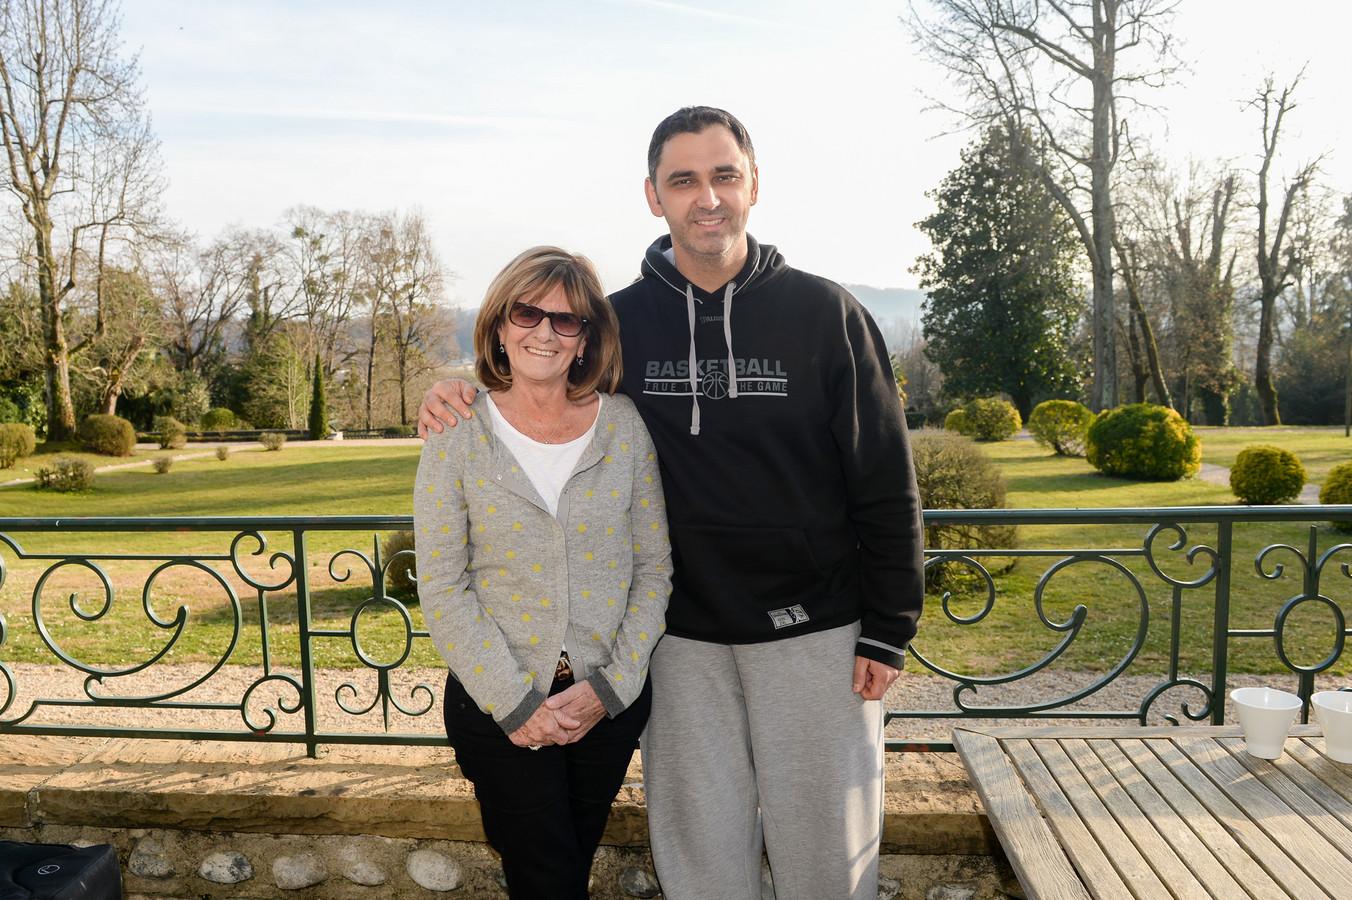 Algemeen coördinator Marijke Schaepelinck en coach Dario Gjergja op het terras van Villa Navarra voor de Franse Pyreneeën in Pau. Schaepelinck overleed zaterdag op 66-jarige leeftijd.